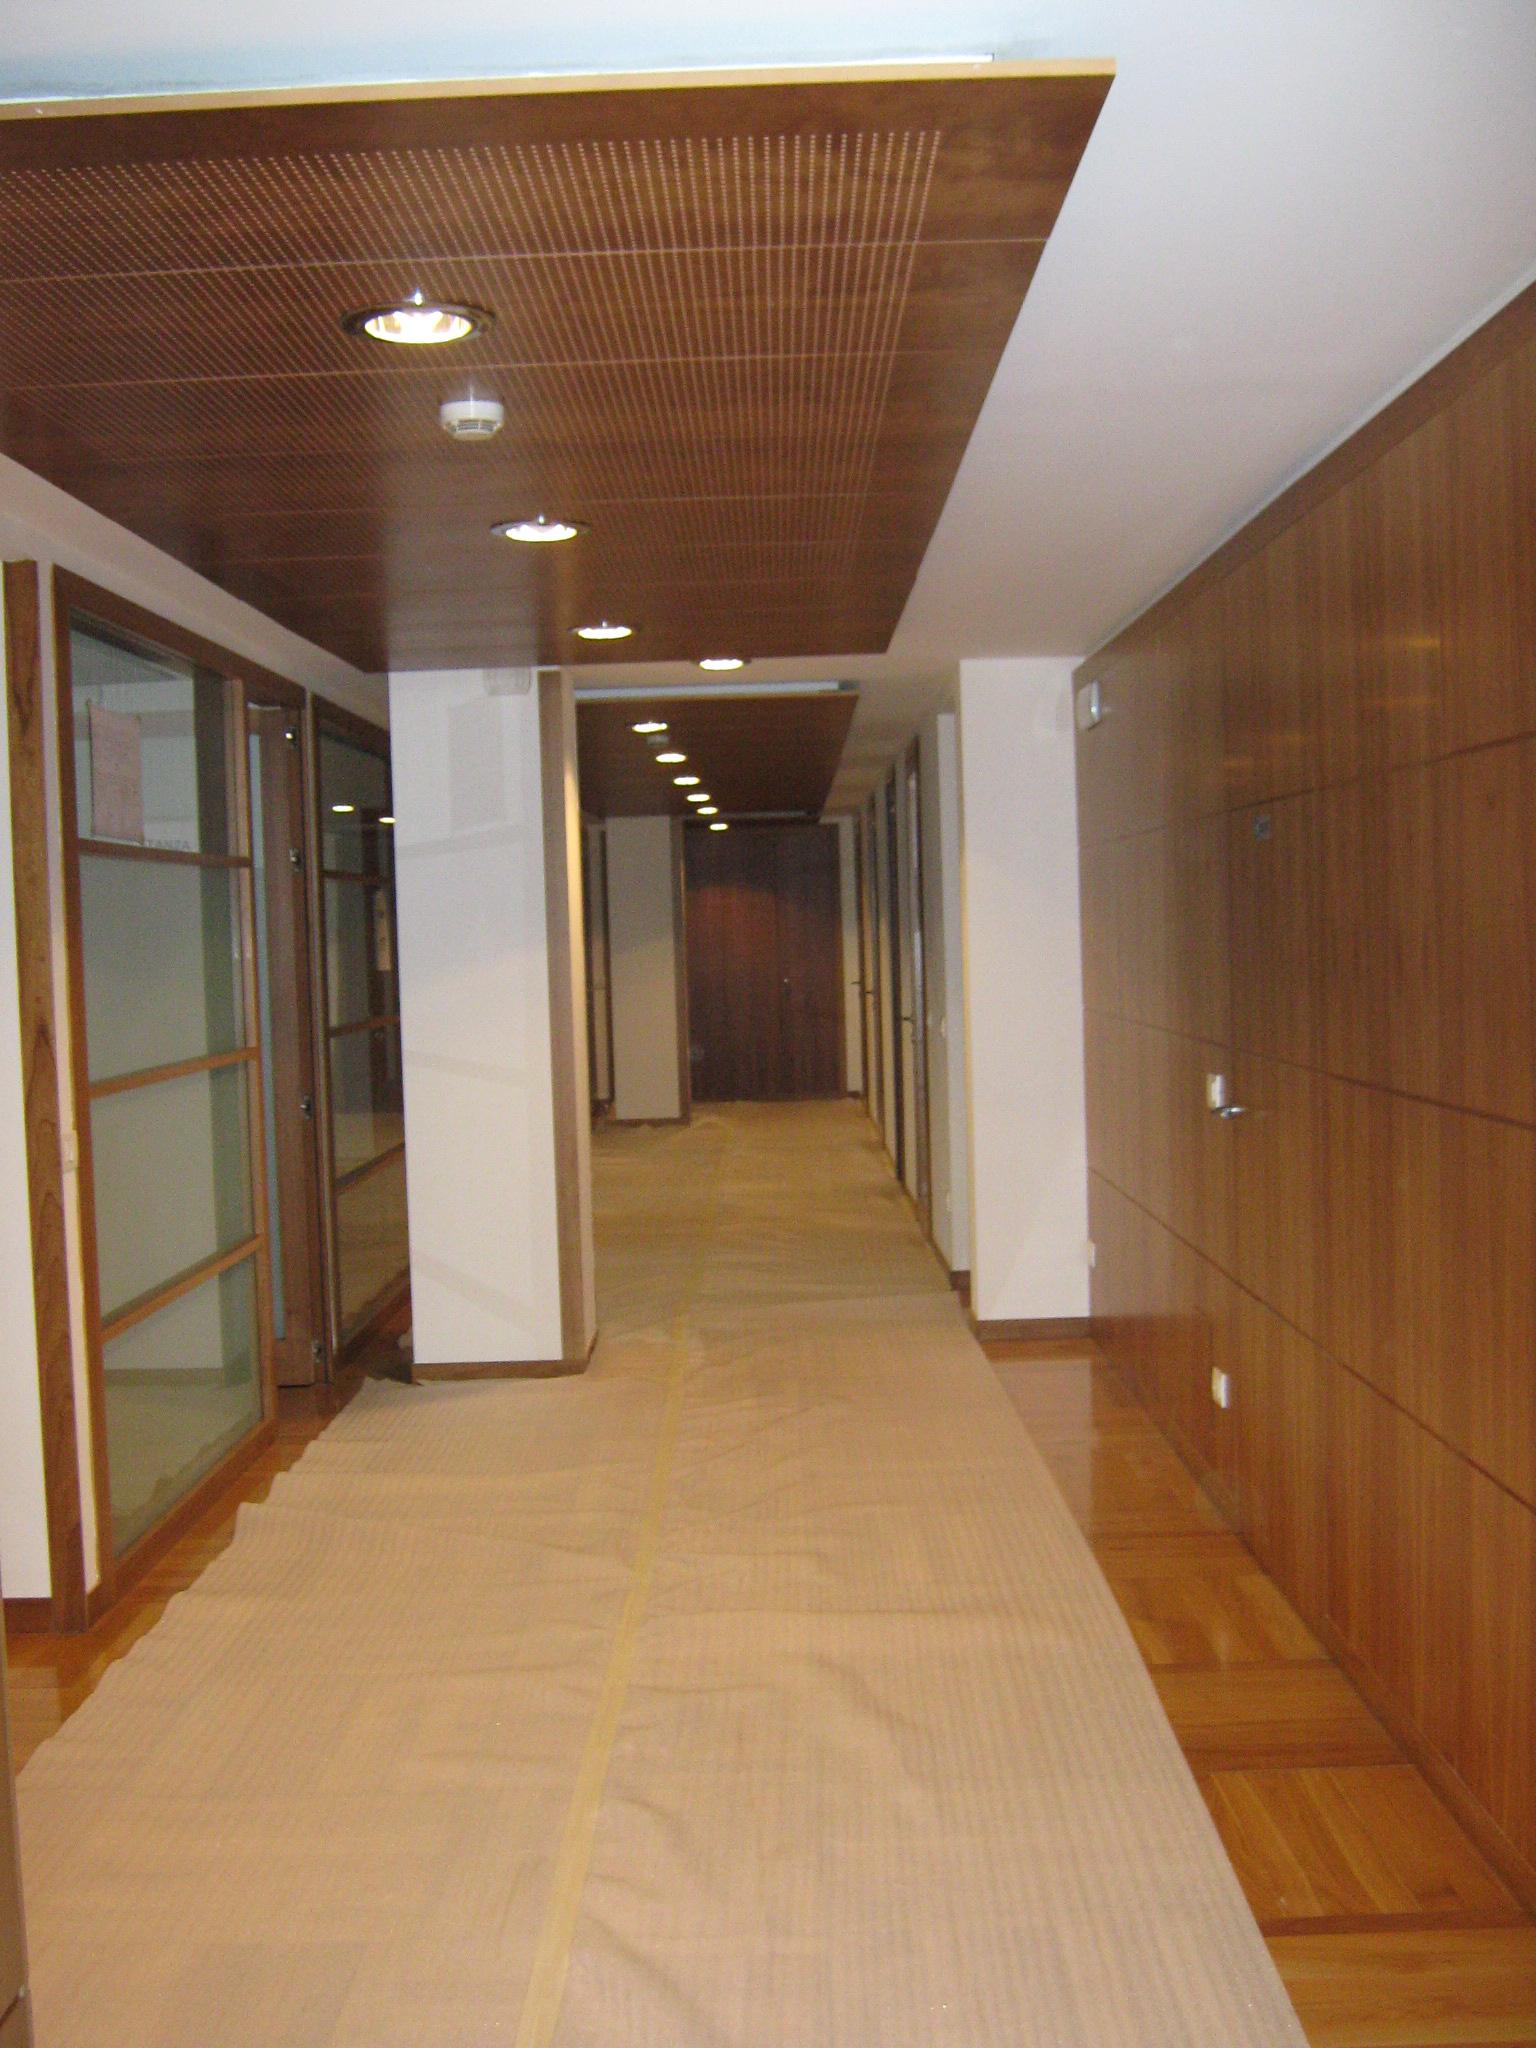 13. Allestimento cantiere con protezione del pavimento esistente dei corridoi: lavori in corso.